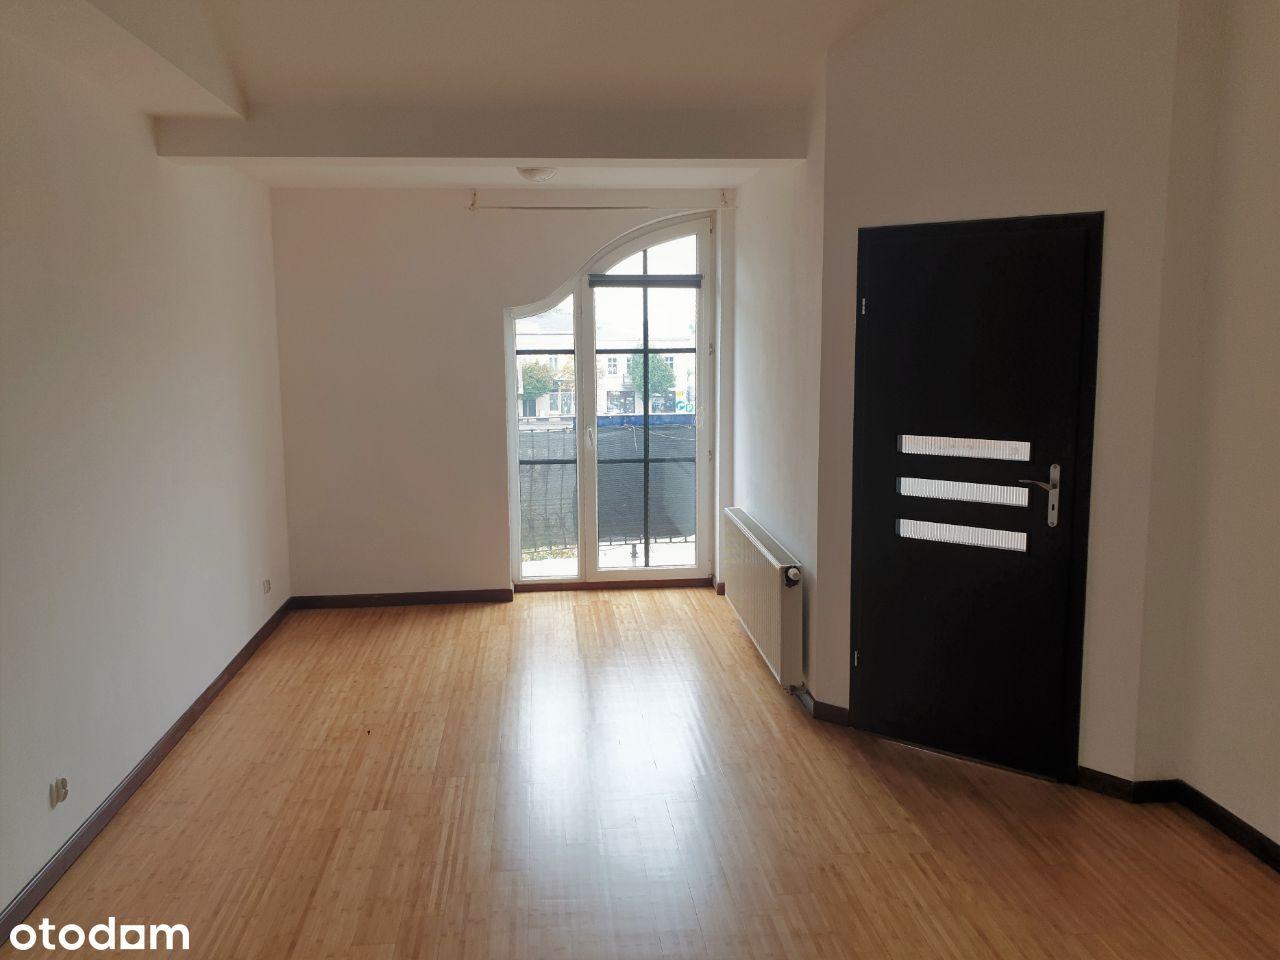 Mieszkanie 2-pokojowe z balkonem w centrum Słupcy